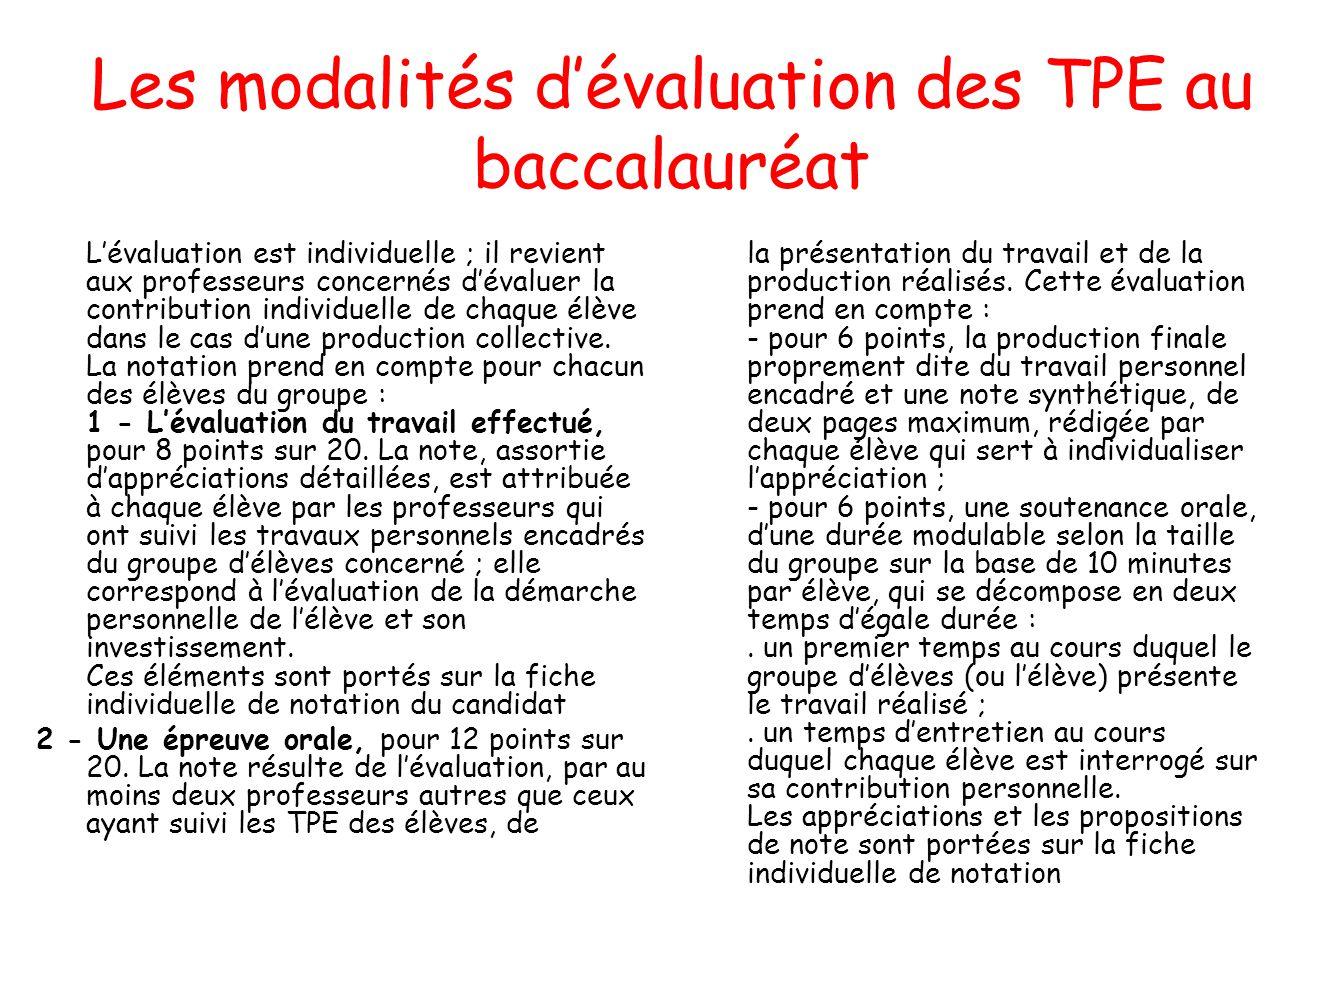 Les modalités d'évaluation des TPE au baccalauréat